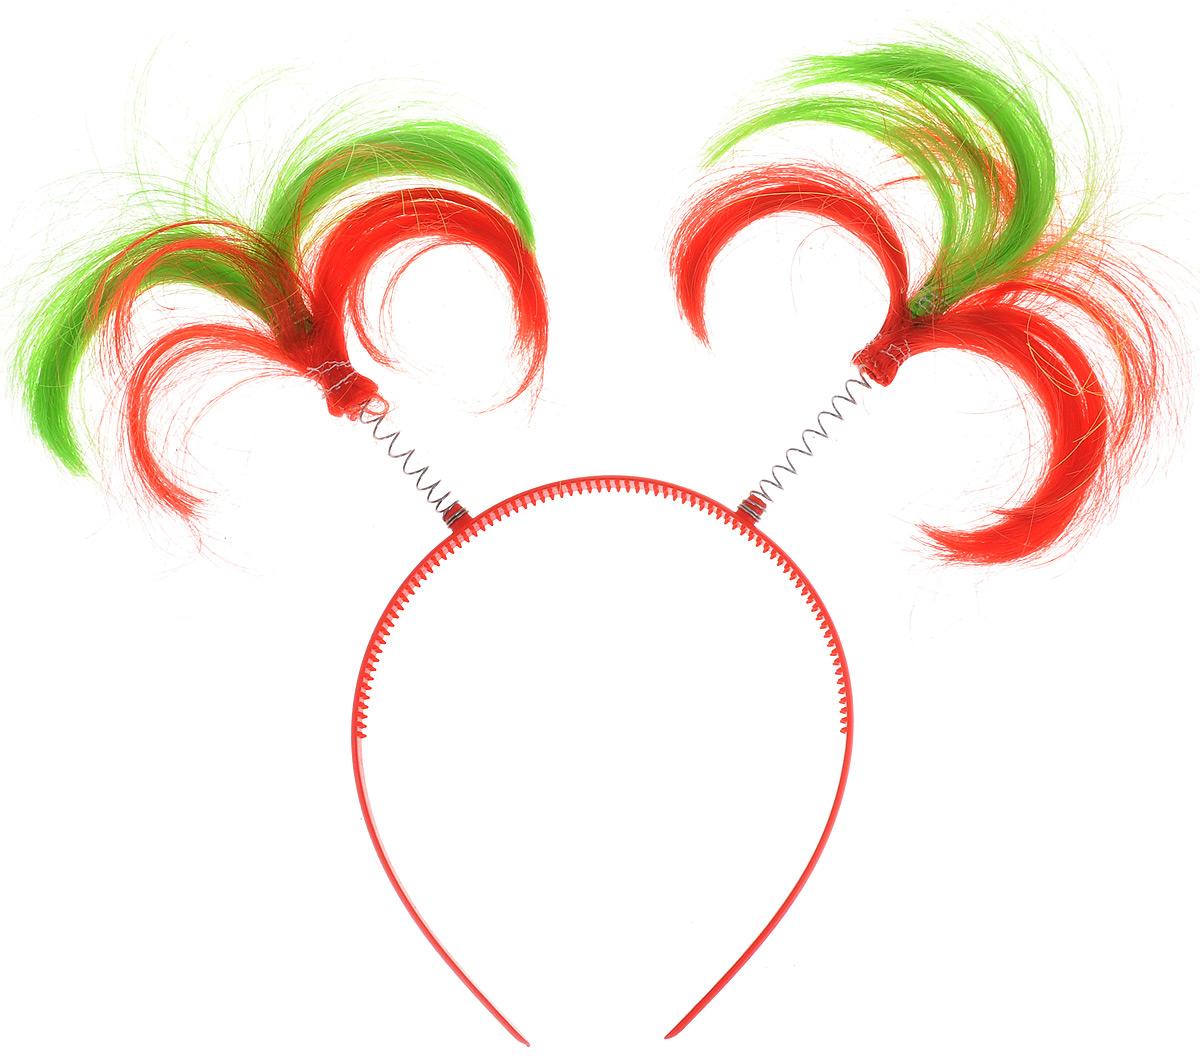 Ободок маскарадный Феникс-Презент Пеппи, цвет: красный, зеленый34605_красный, зеленыйМаскарадный ободок Феникс-Презент Пеппи выполнен из пластика и дополнен хвостиками из полиэстера на металлических пружинах. Ободок имеет универсальный размер. Если у вас намечается веселая вечеринка или маскарад, то такой аксессуар легко поможет создать праздничный наряд. Внесите нотку задора и веселья в ваш праздник. Веселое настроение и масса положительных эмоций вам будут обеспечены! Высота хвостика: 11 см.